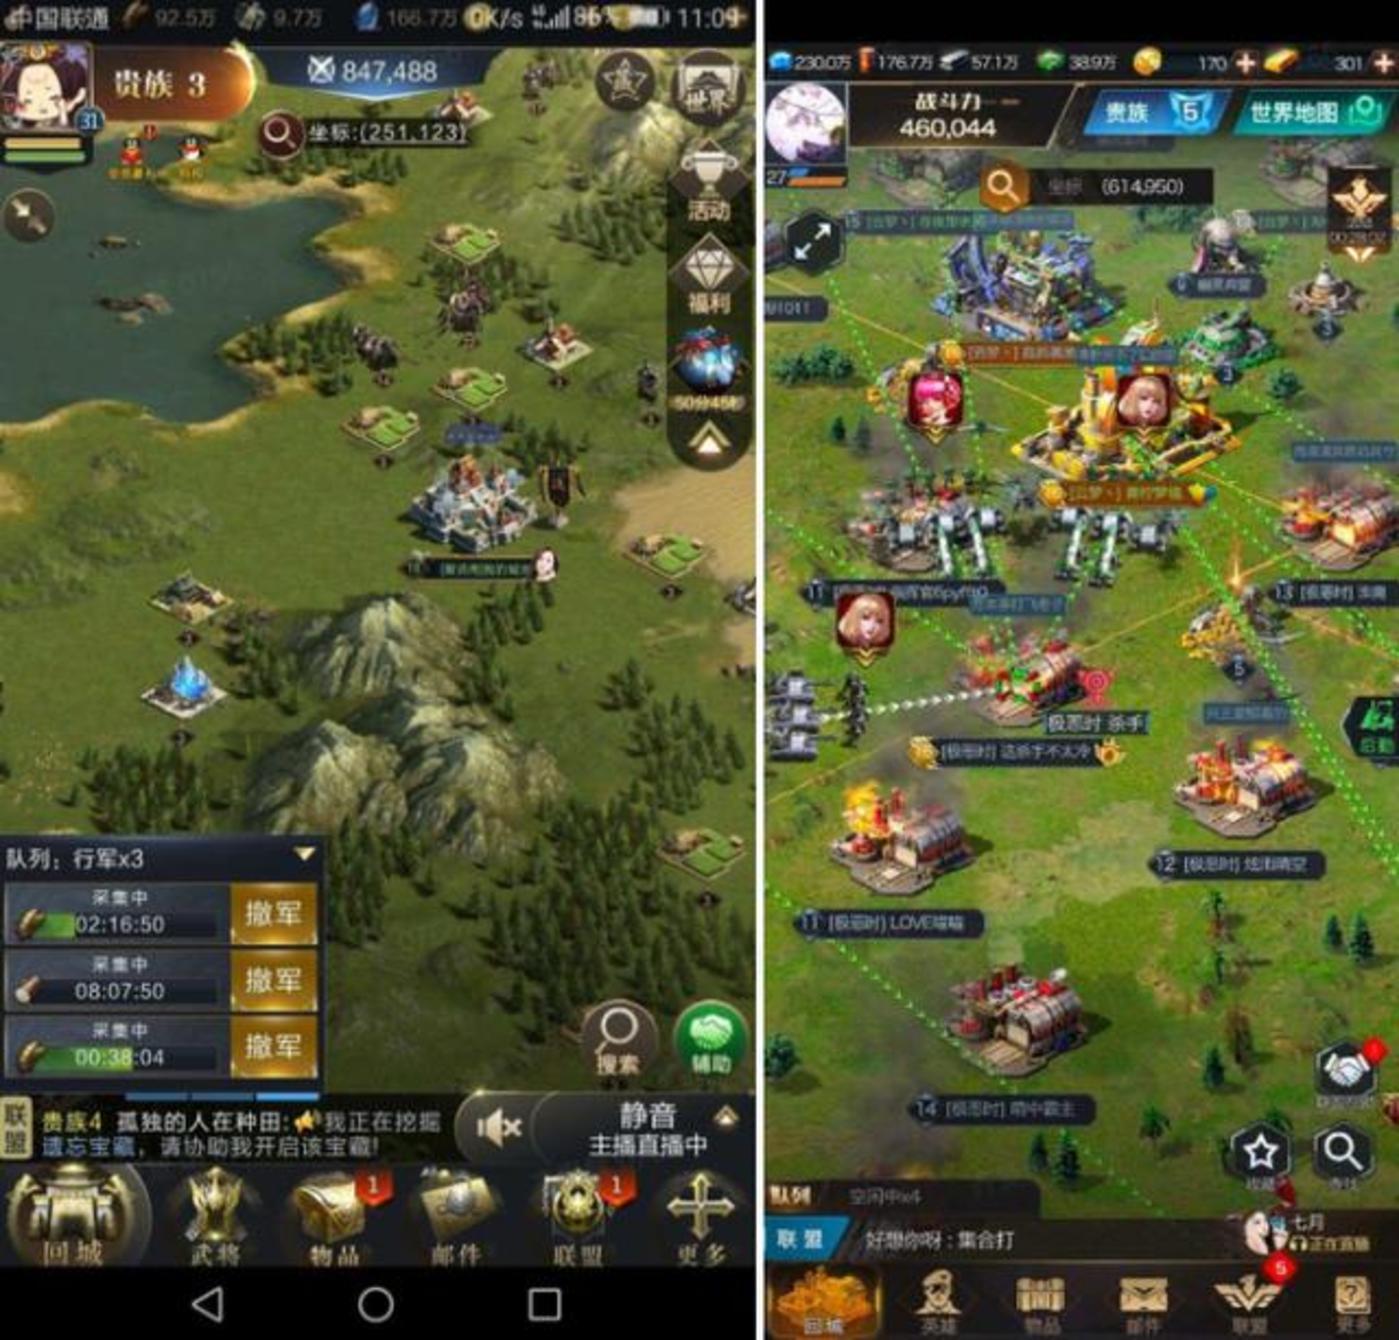 左图为《乱世王者》游戏画面,右图为《红警OL》游戏画面